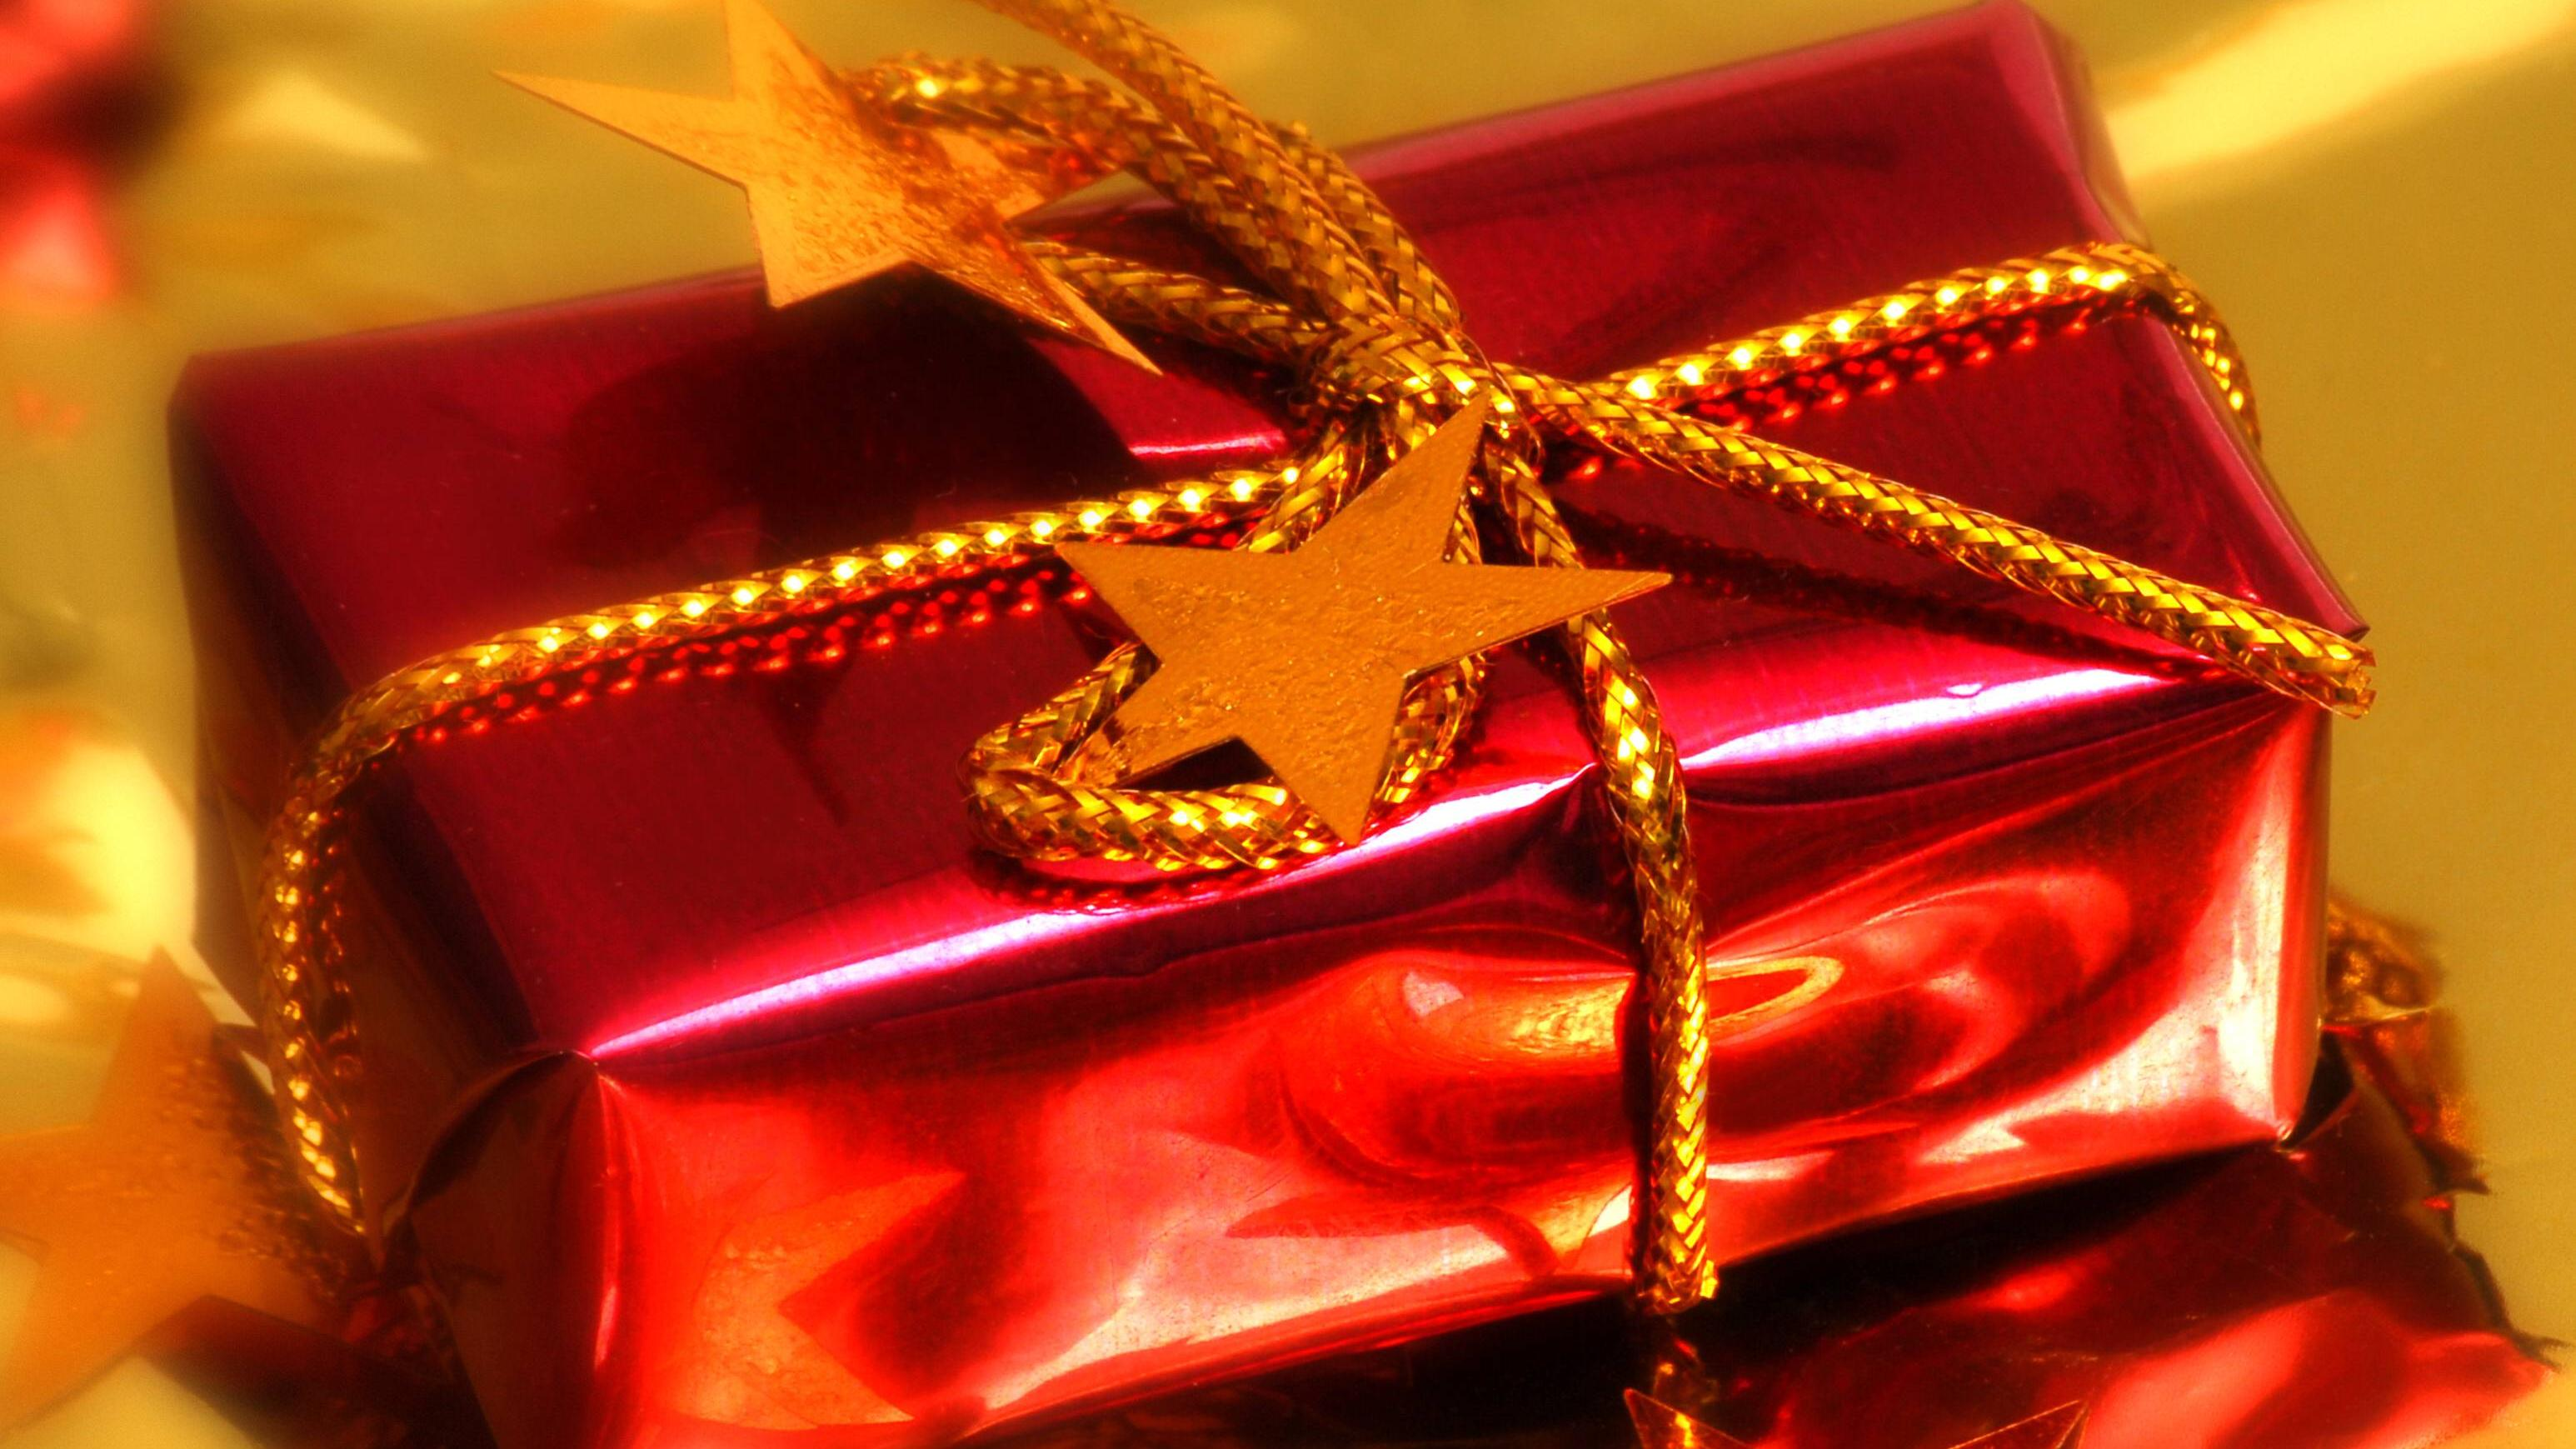 Geschenke verpacken zu Weihnachten: 3 schöne Ideen